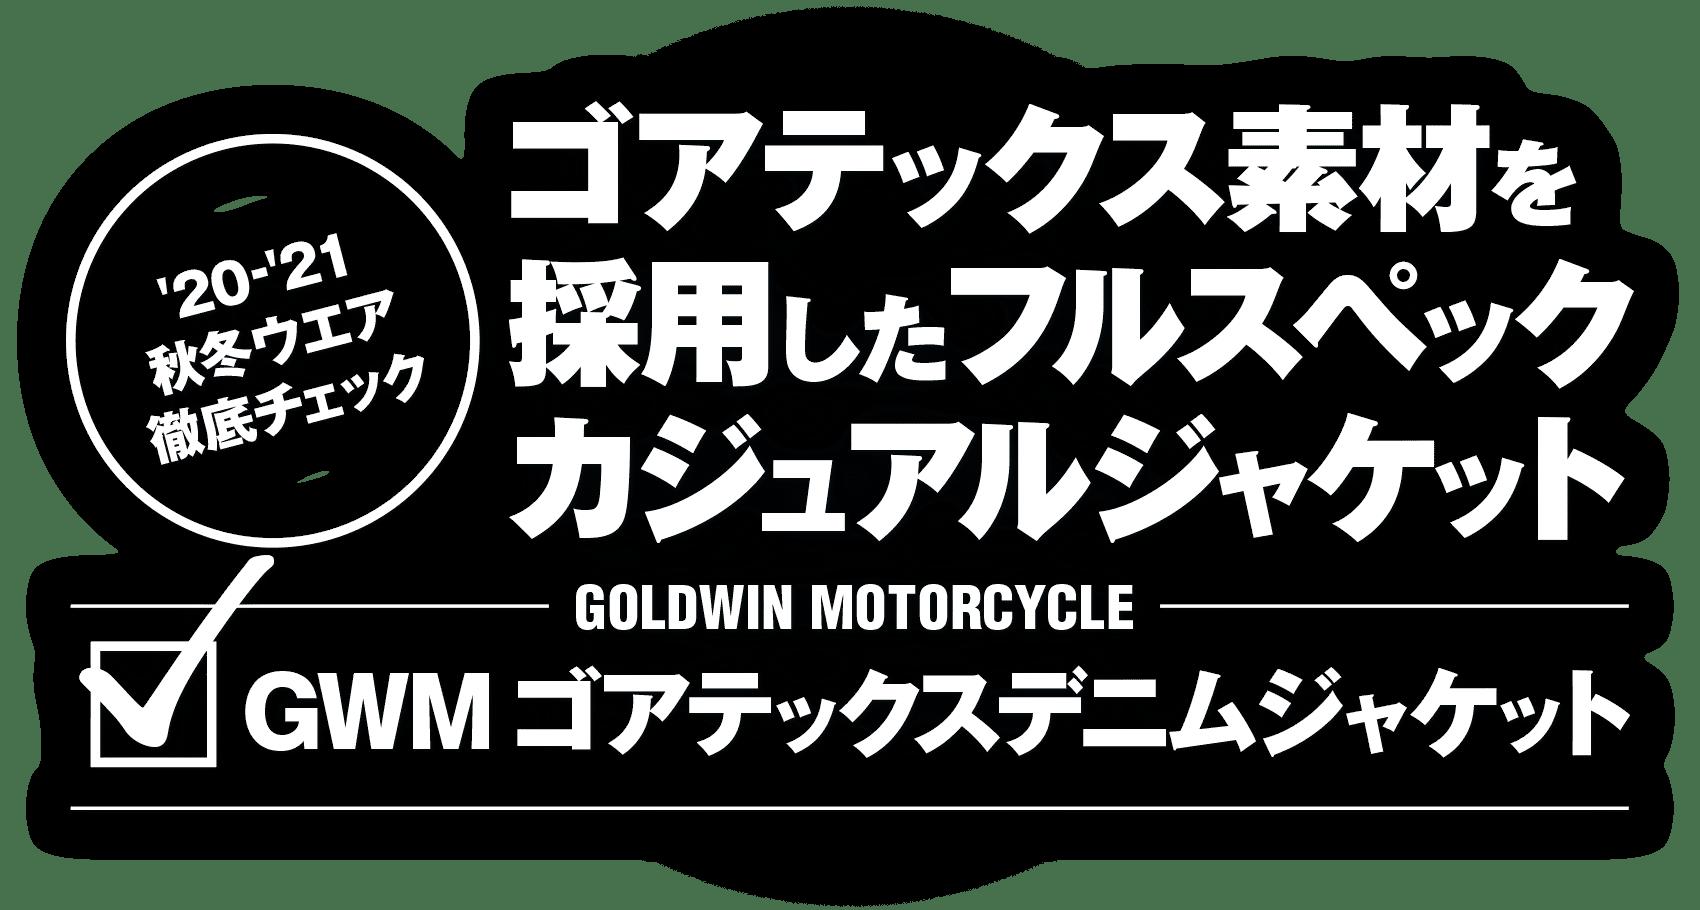 """ゴアテックス素材を採用したフルスペックカジュアルジャケット """"GOLDWIN GSM22051 GWM ゴアテックスデニムジャケット"""""""